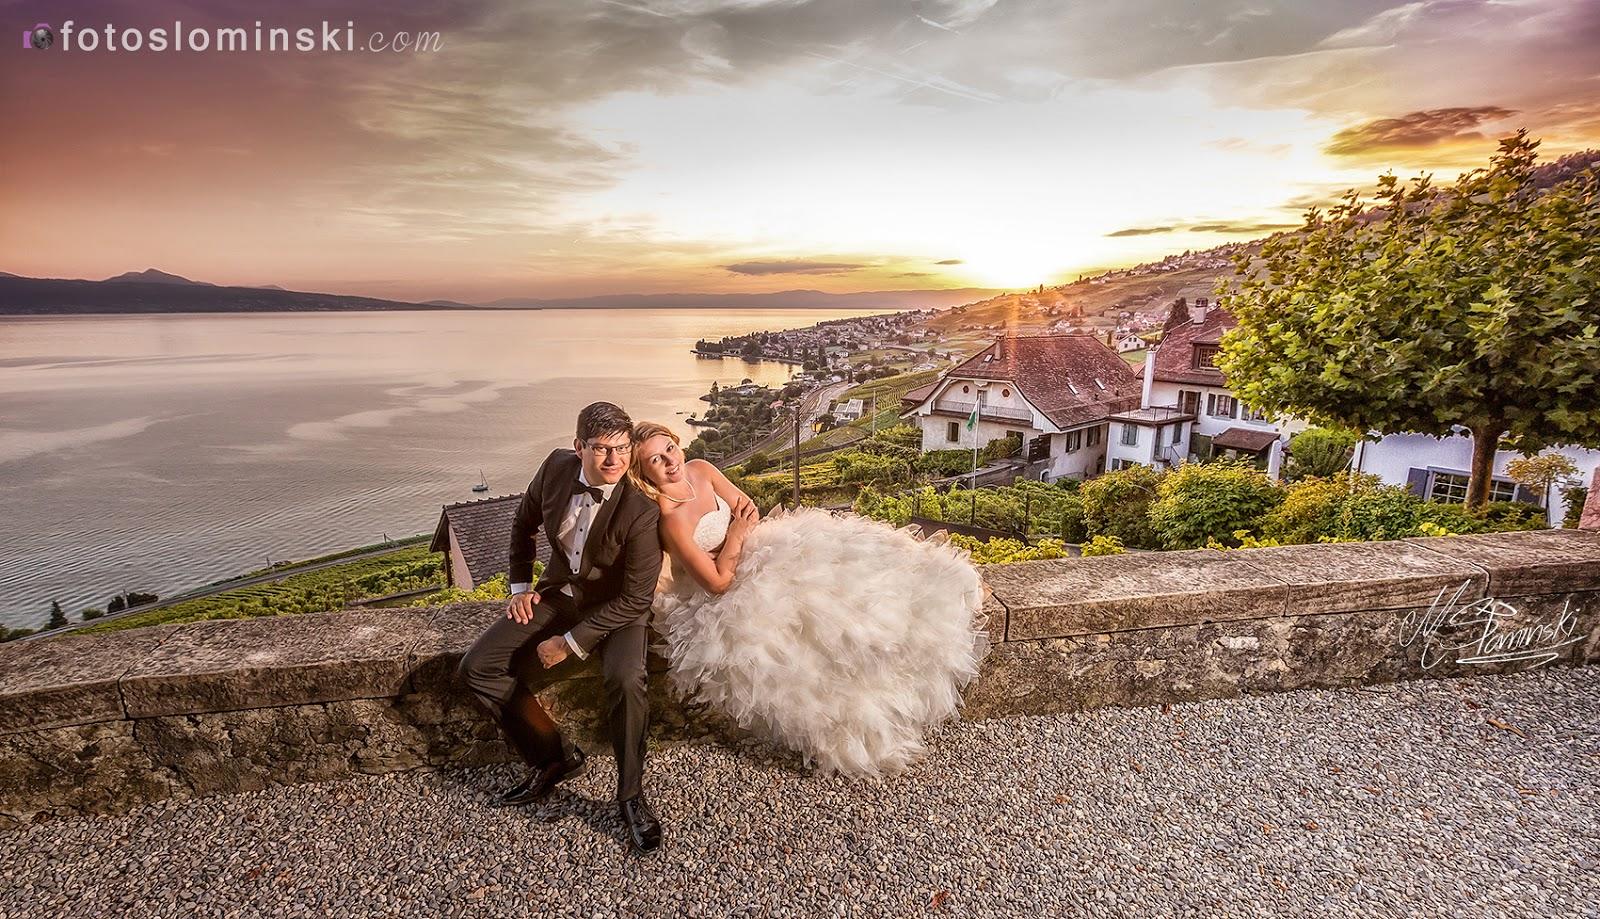 Fotografia ślubna Wrocław - Sesja plenerowa w Szwajcarii - Montreux nad jeziorem Genewskim.